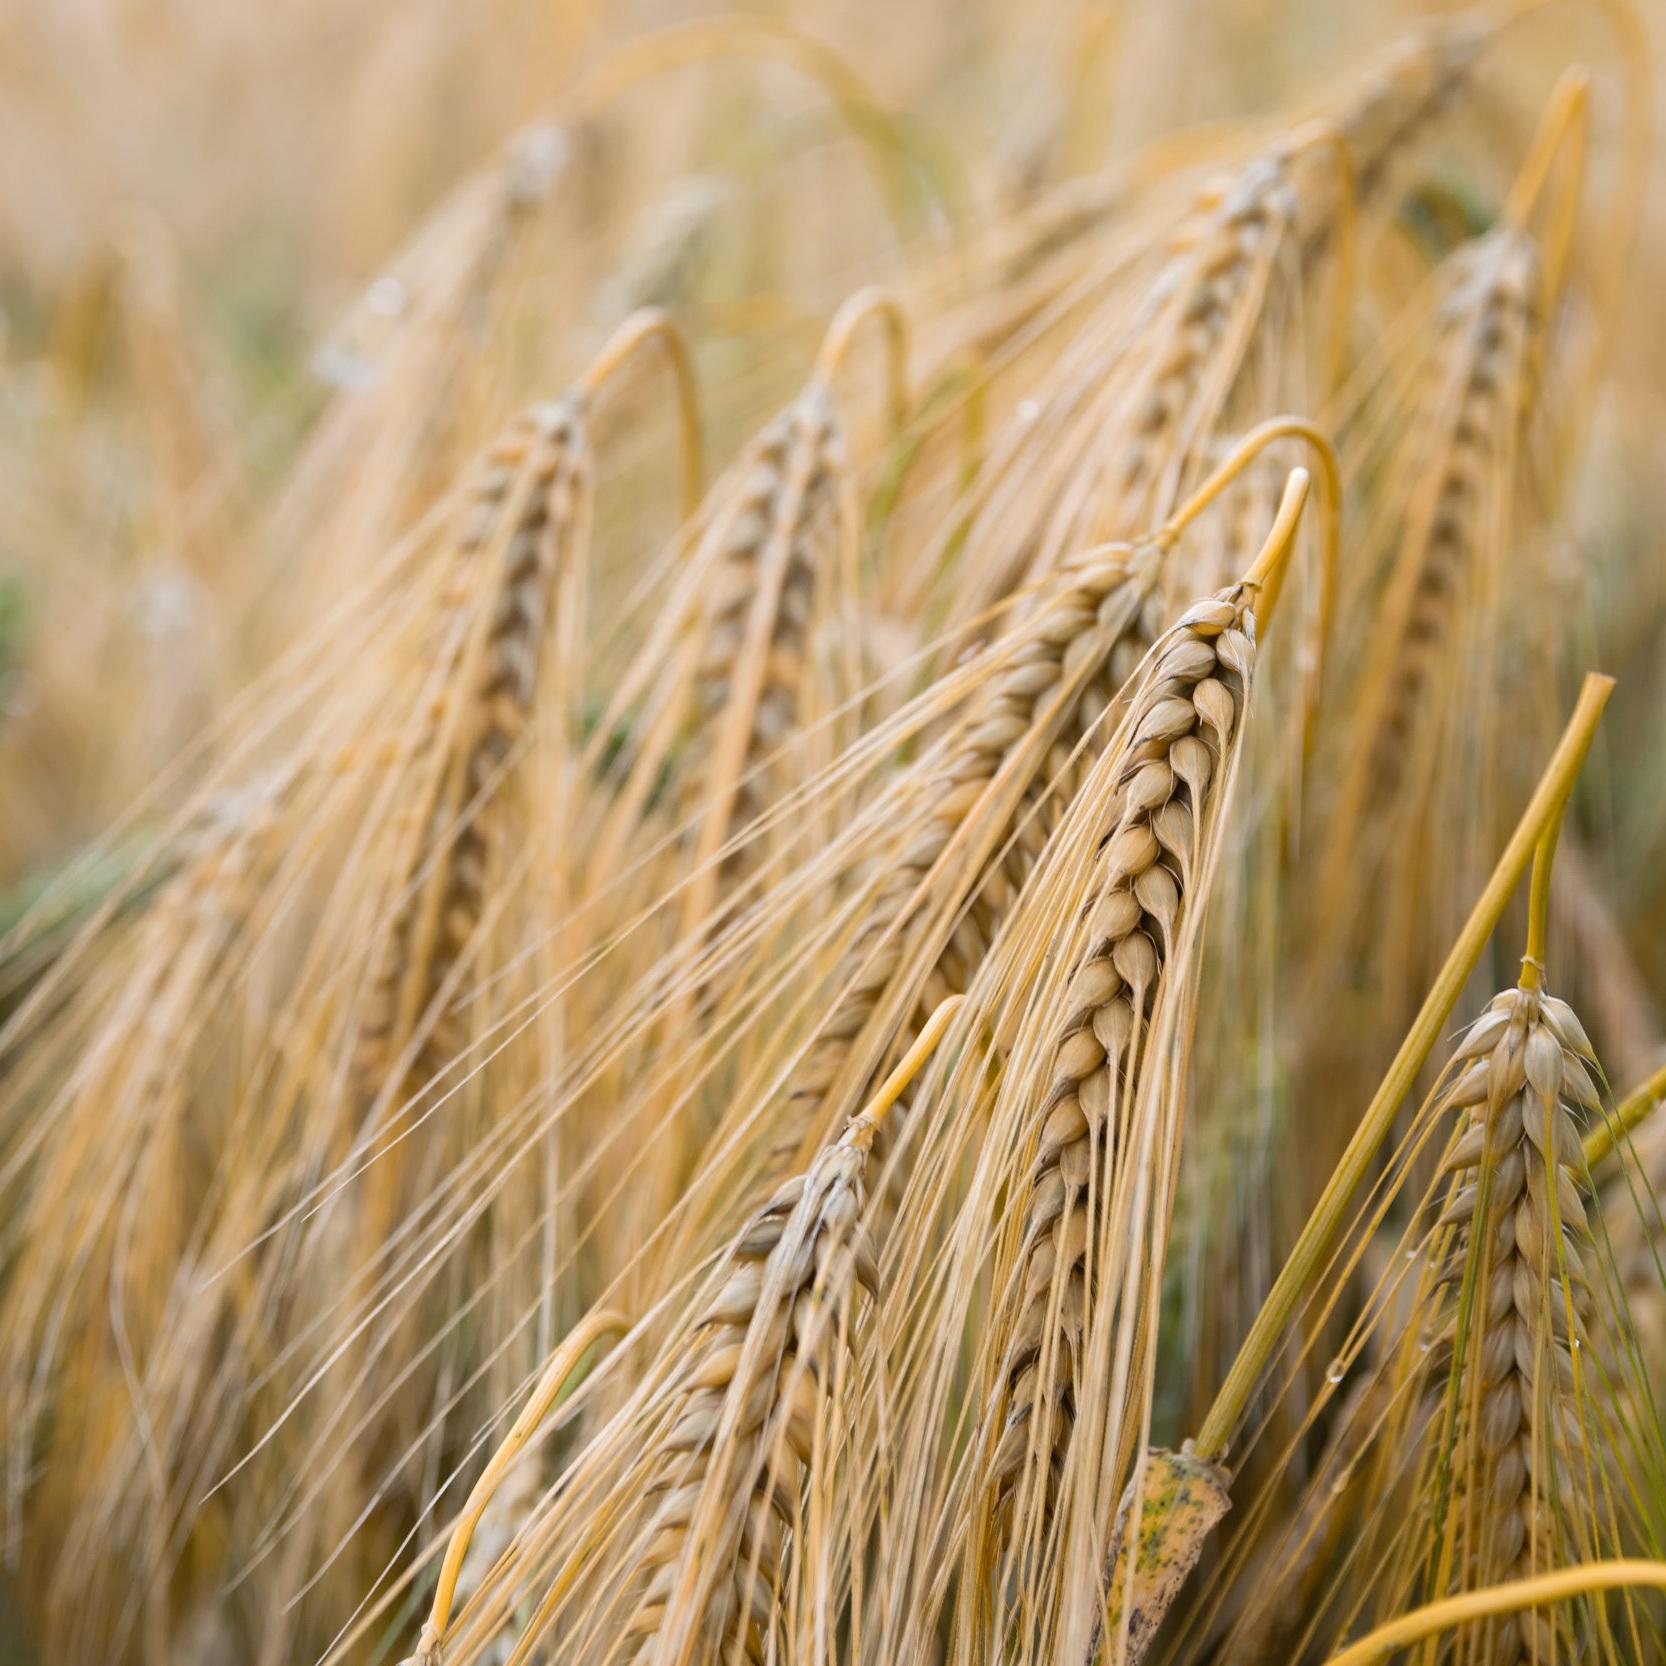 小麦粉と全粒粉 - 小麦製品には炭水化物が速くを含んでおり、急速に血糖値が上がる。しかし、しばらくすると、急激に血糖値が下がり、ストレスホルモンのコルチゾールが分泌される。その後再び、血糖値を上げ、気分が悪くなることがある。一方で、全粒粉は小麦粉よりも炭水化物がゆっくり消化されるので、血糖値も急激に上がらず、バランスが保たれた状態となる。すると気分もよくなり、また食欲も抑えることができる。